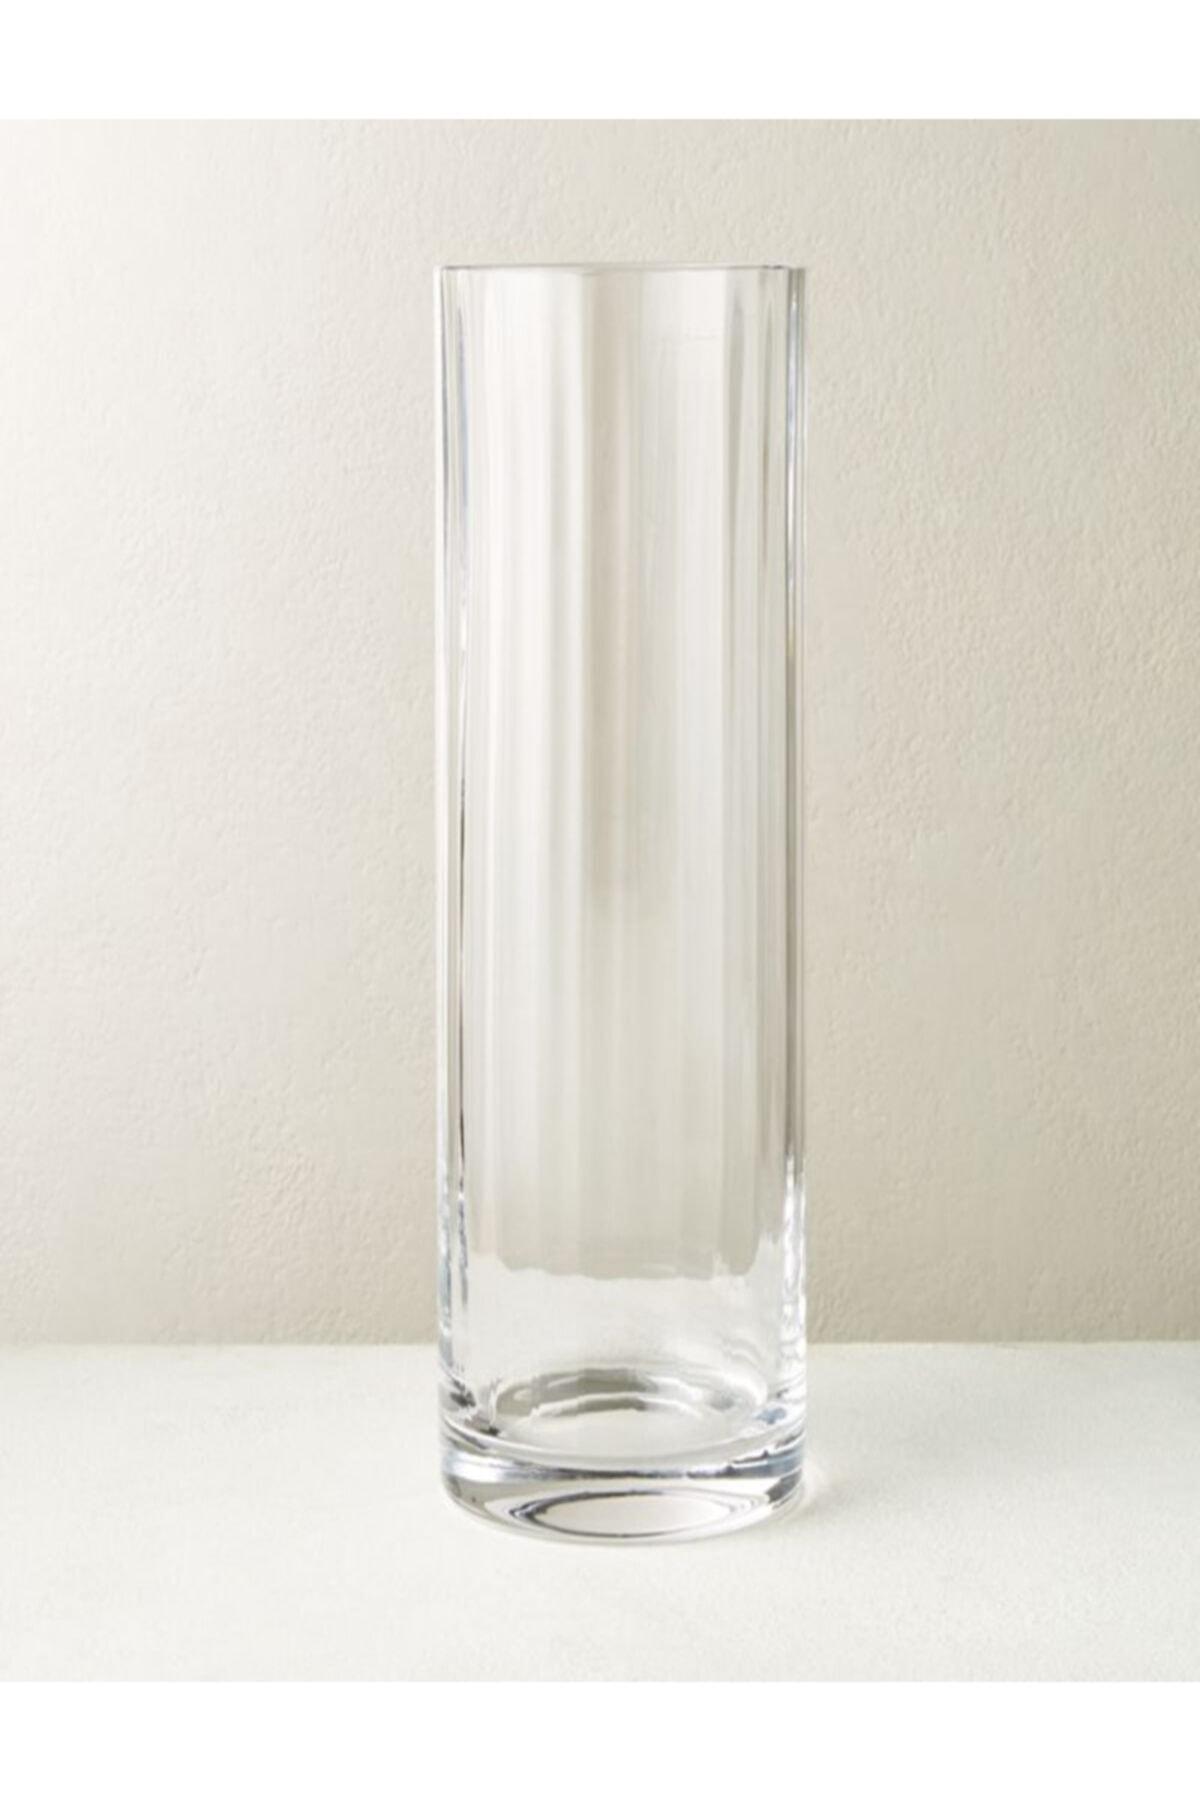 Silindir Rölyefli Cam Vazo (15 Cm Çap-50 Cm Yükseklik)